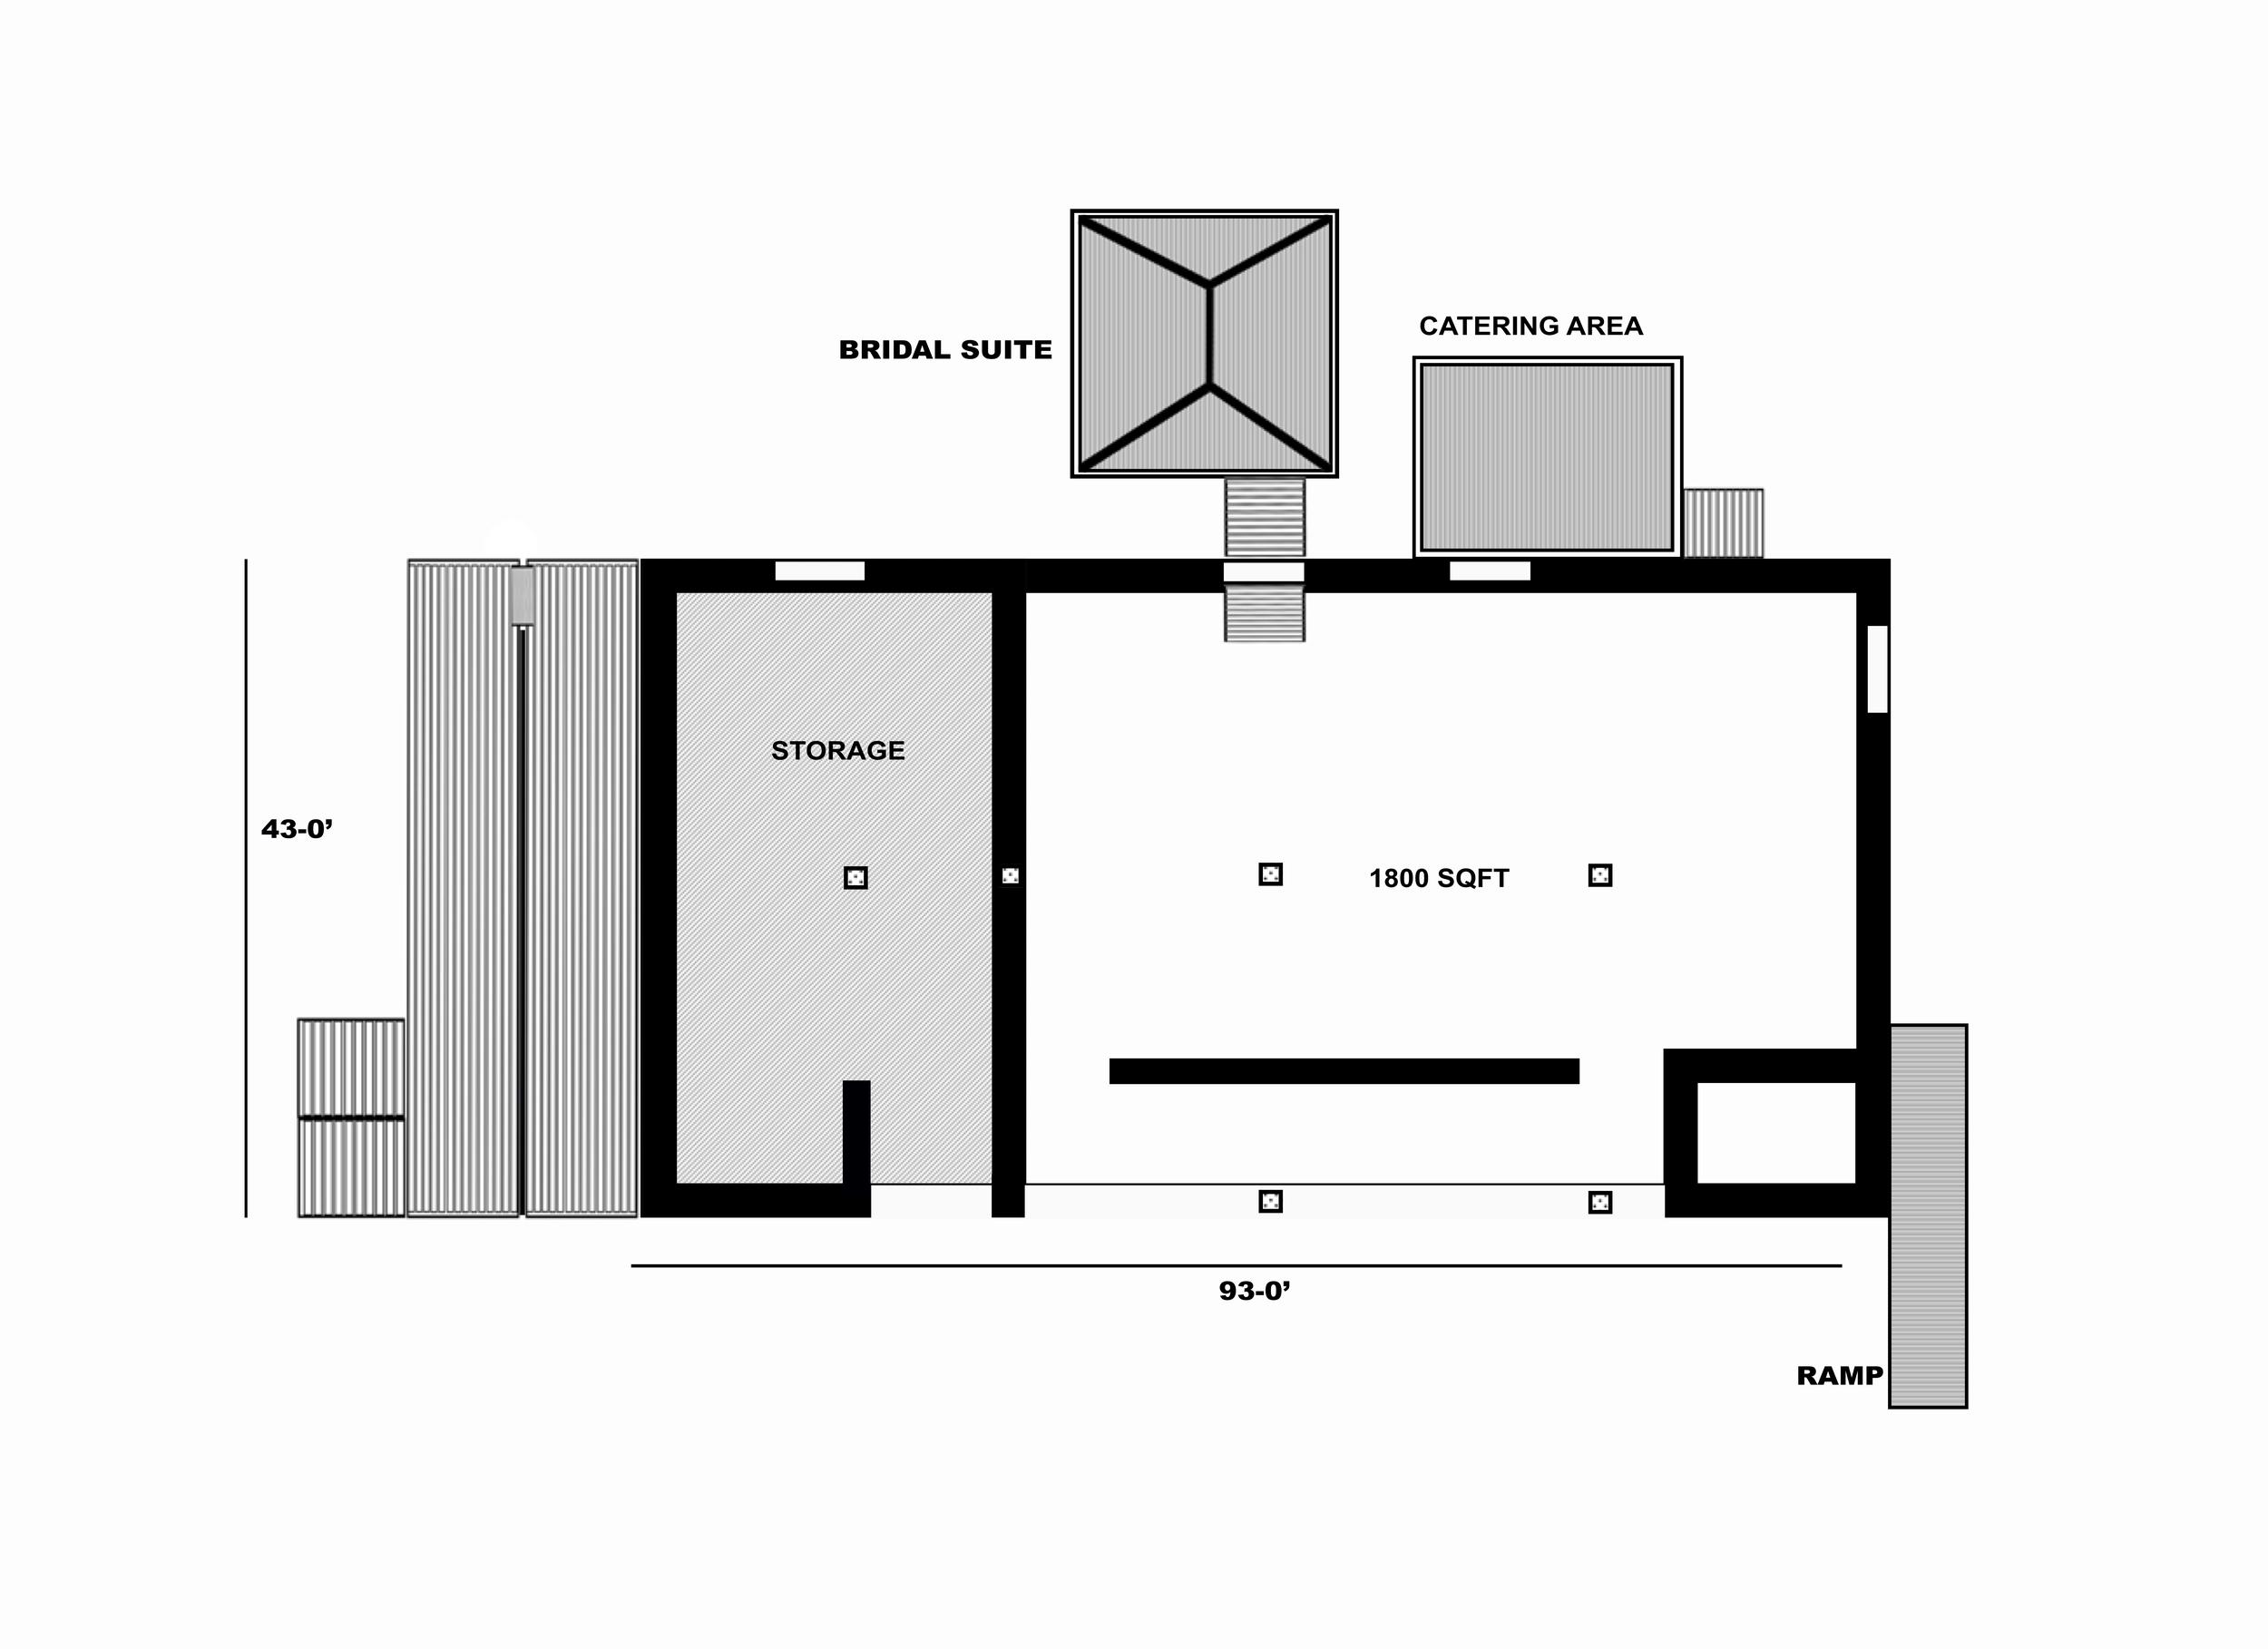 Ground Floor - RVWB